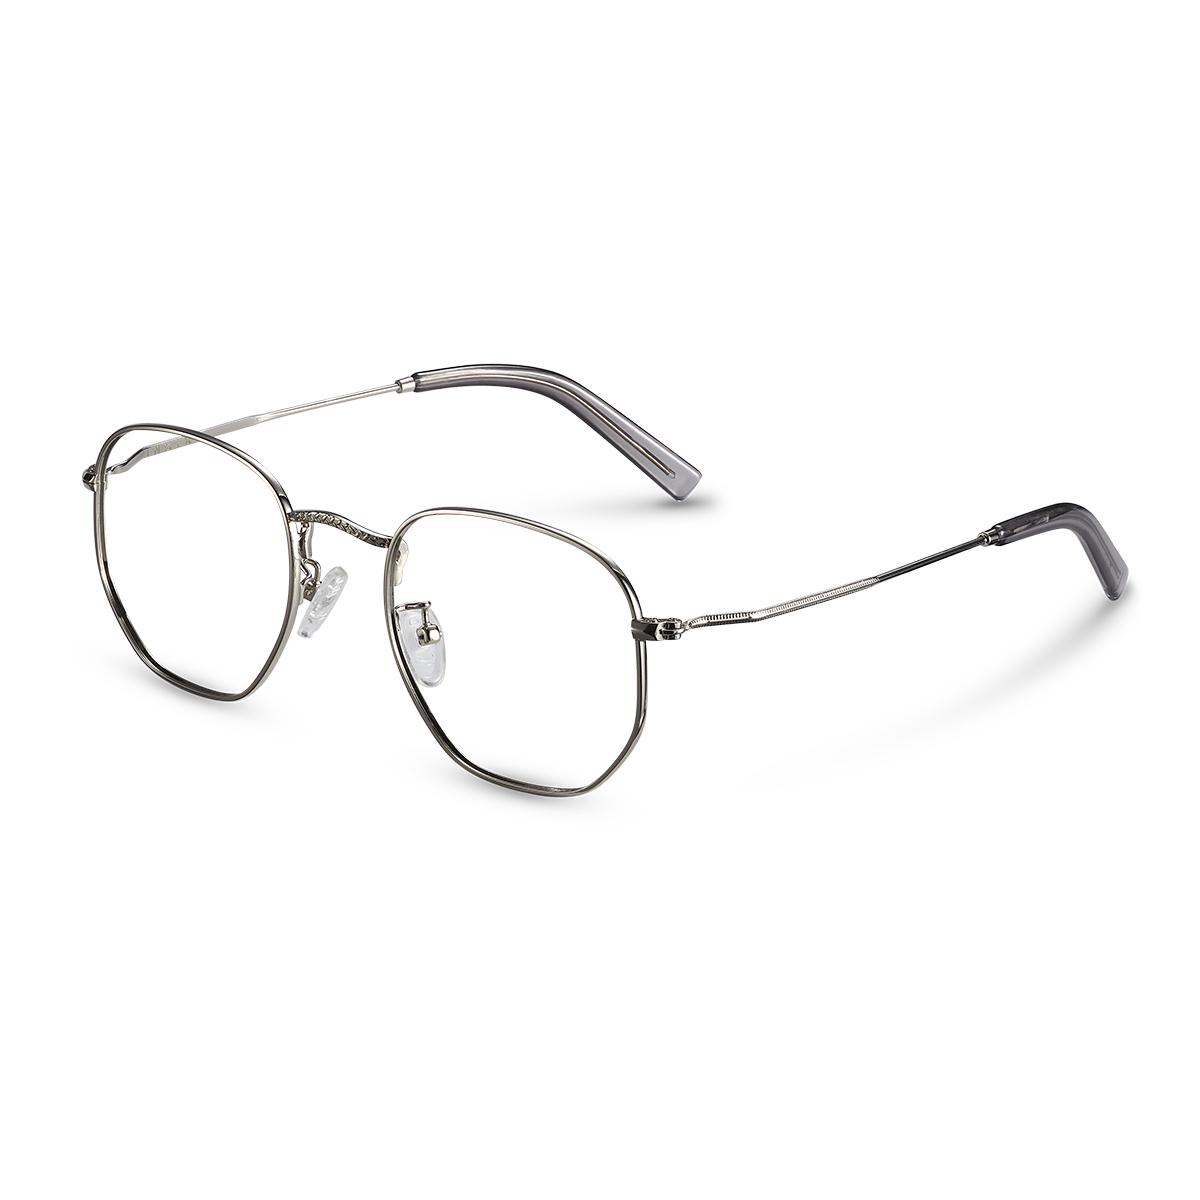 今年很流行这种金丝边框的眼镜,金色自带复古的质感,非常时尚.